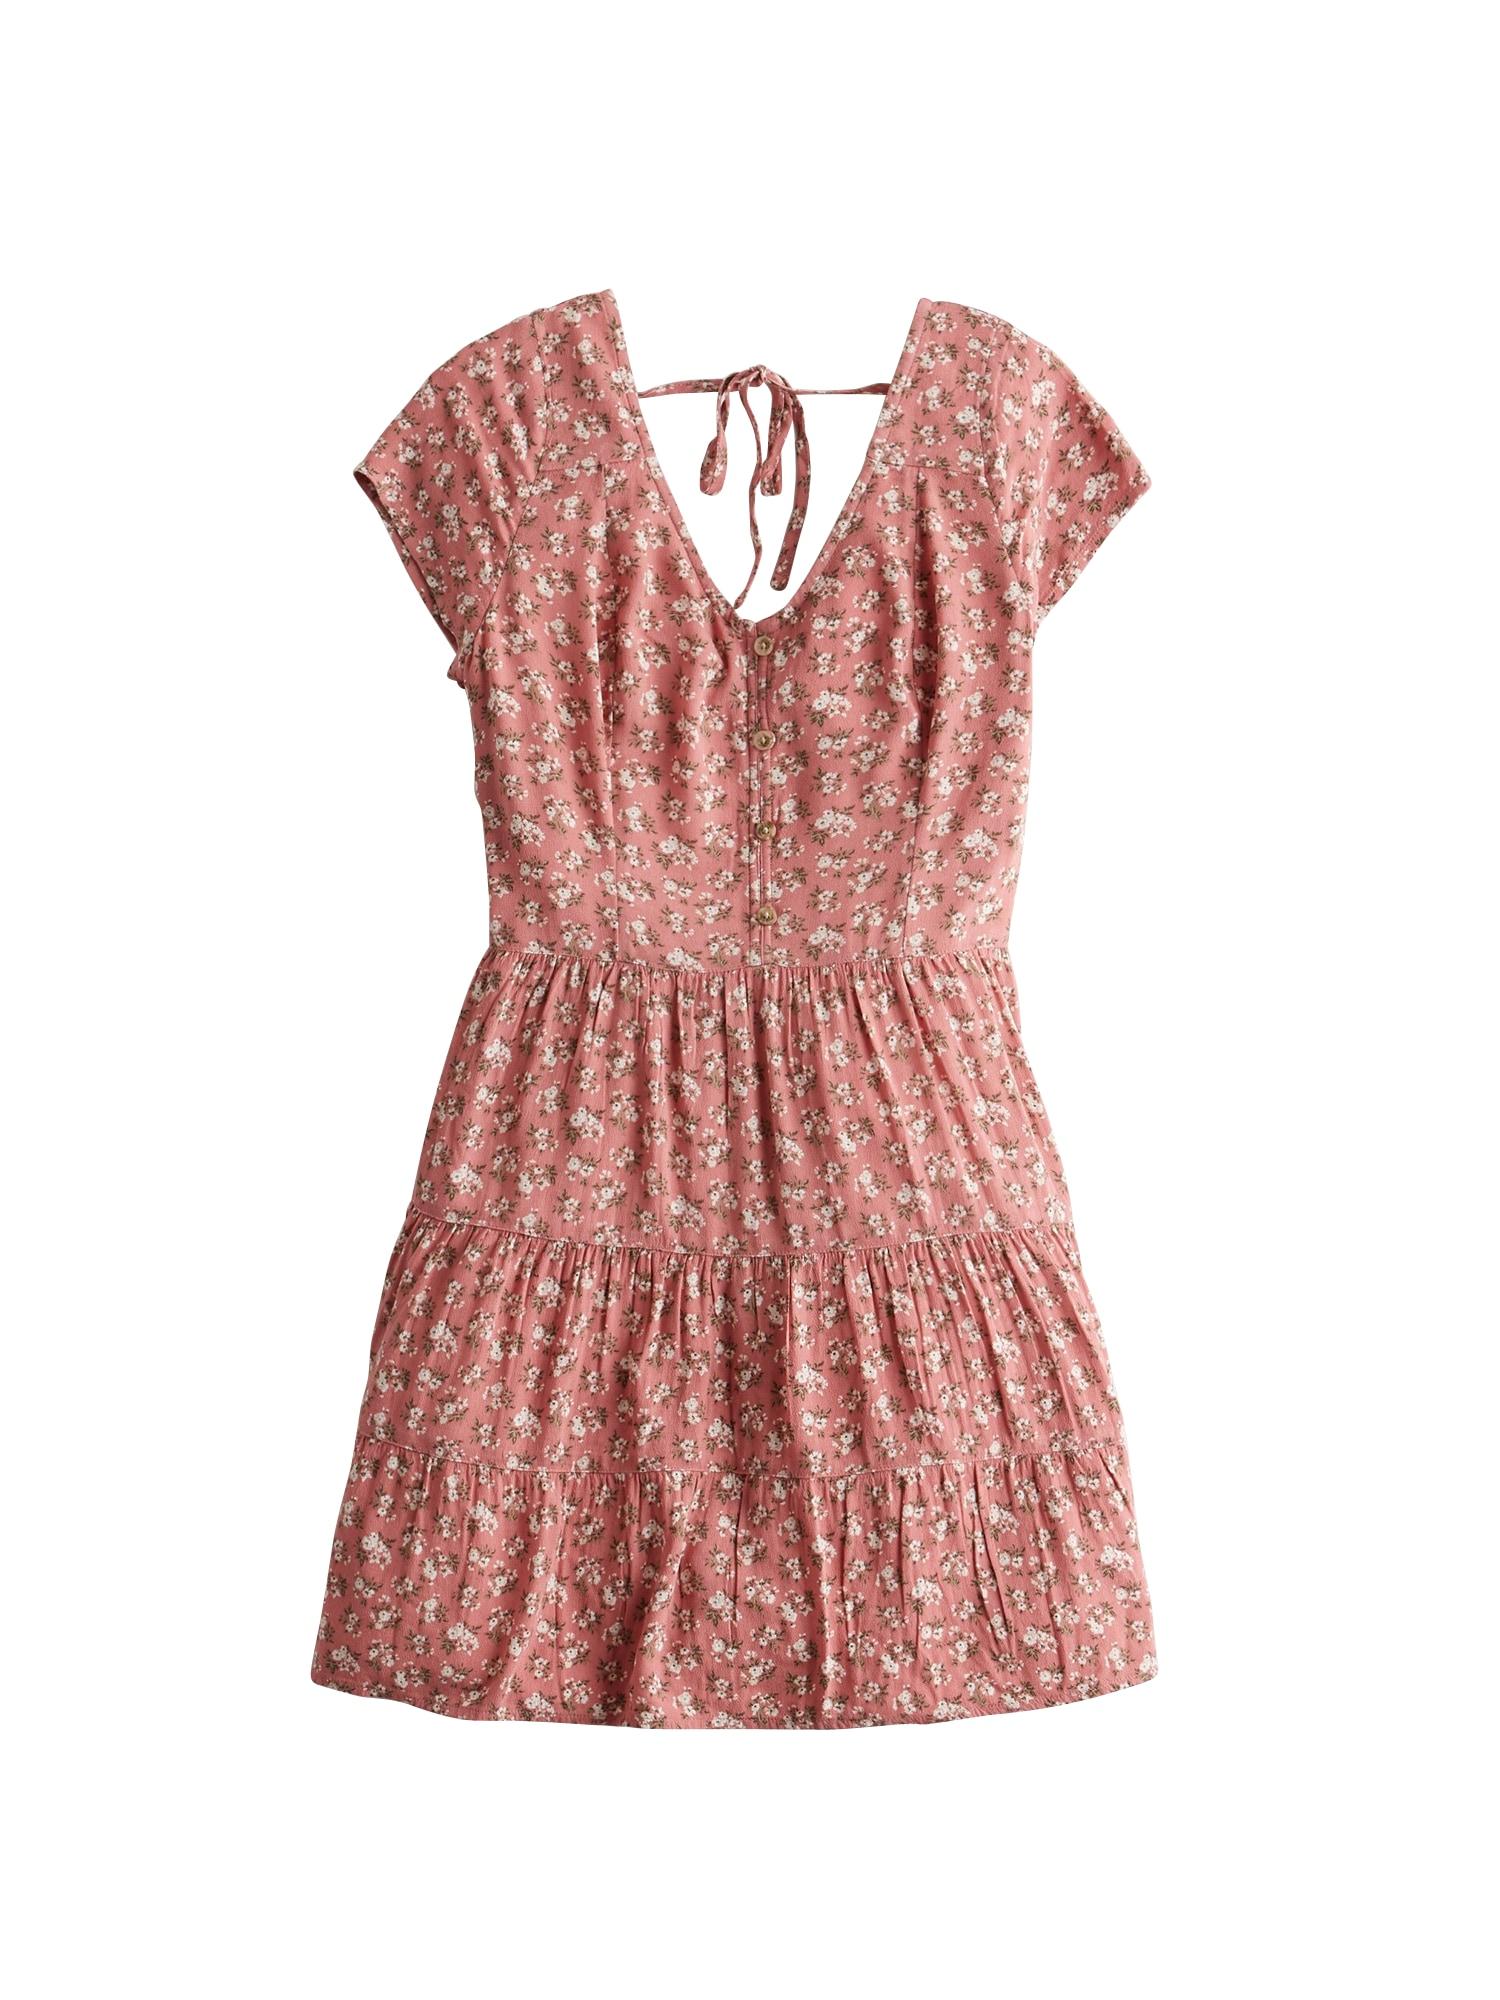 HOLLISTER Vasarinė suknelė 'TIERED' rožinė